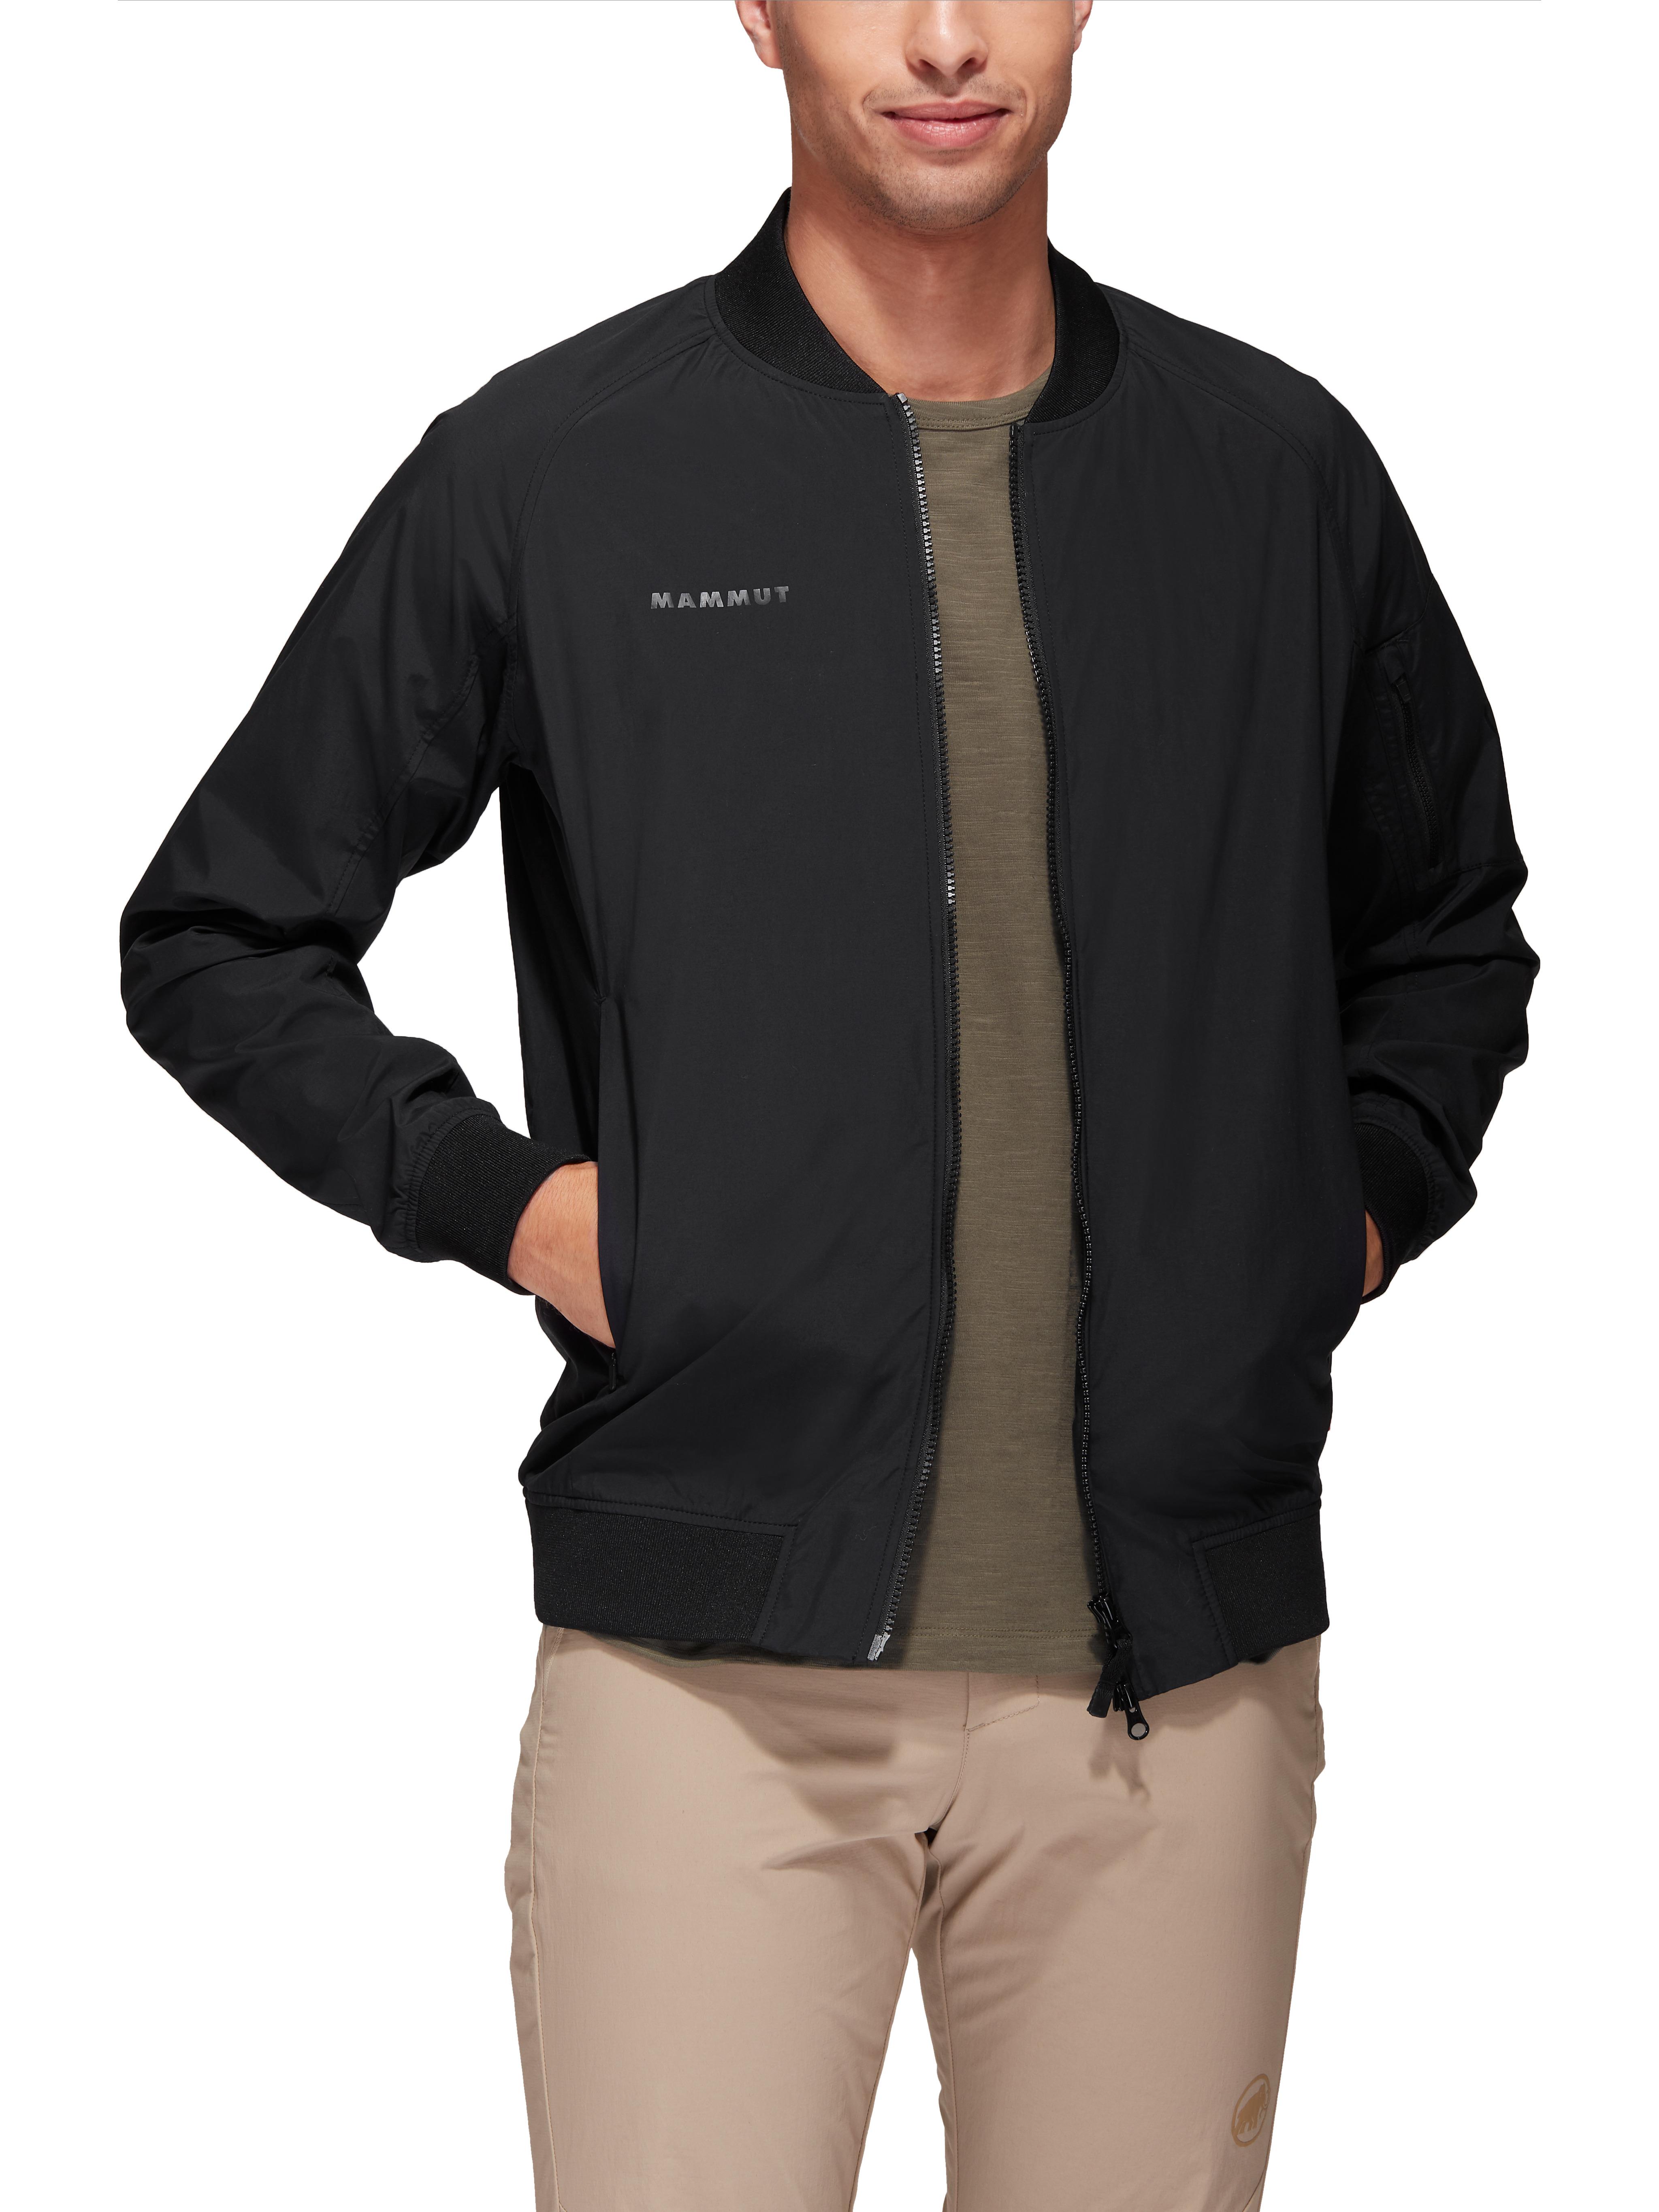 Bomber Jacket Men product image